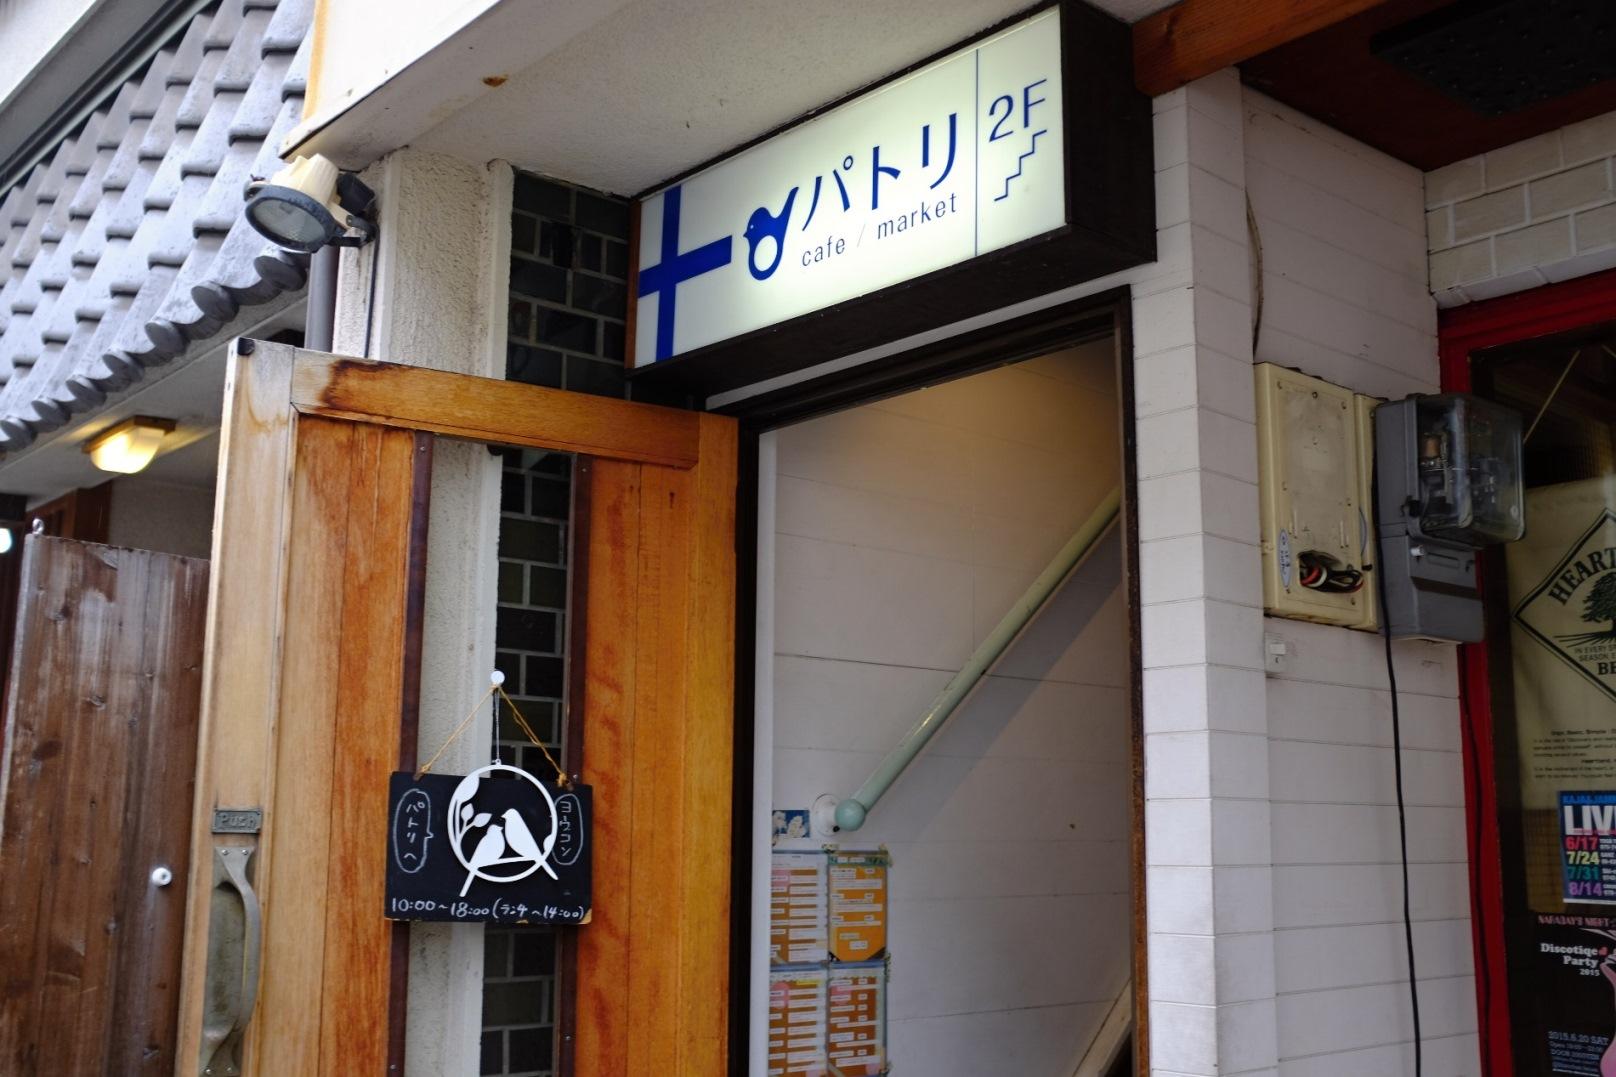 甘味遊行 パトリ cafe/market  / 奈良町_d0233770_2313339.jpg